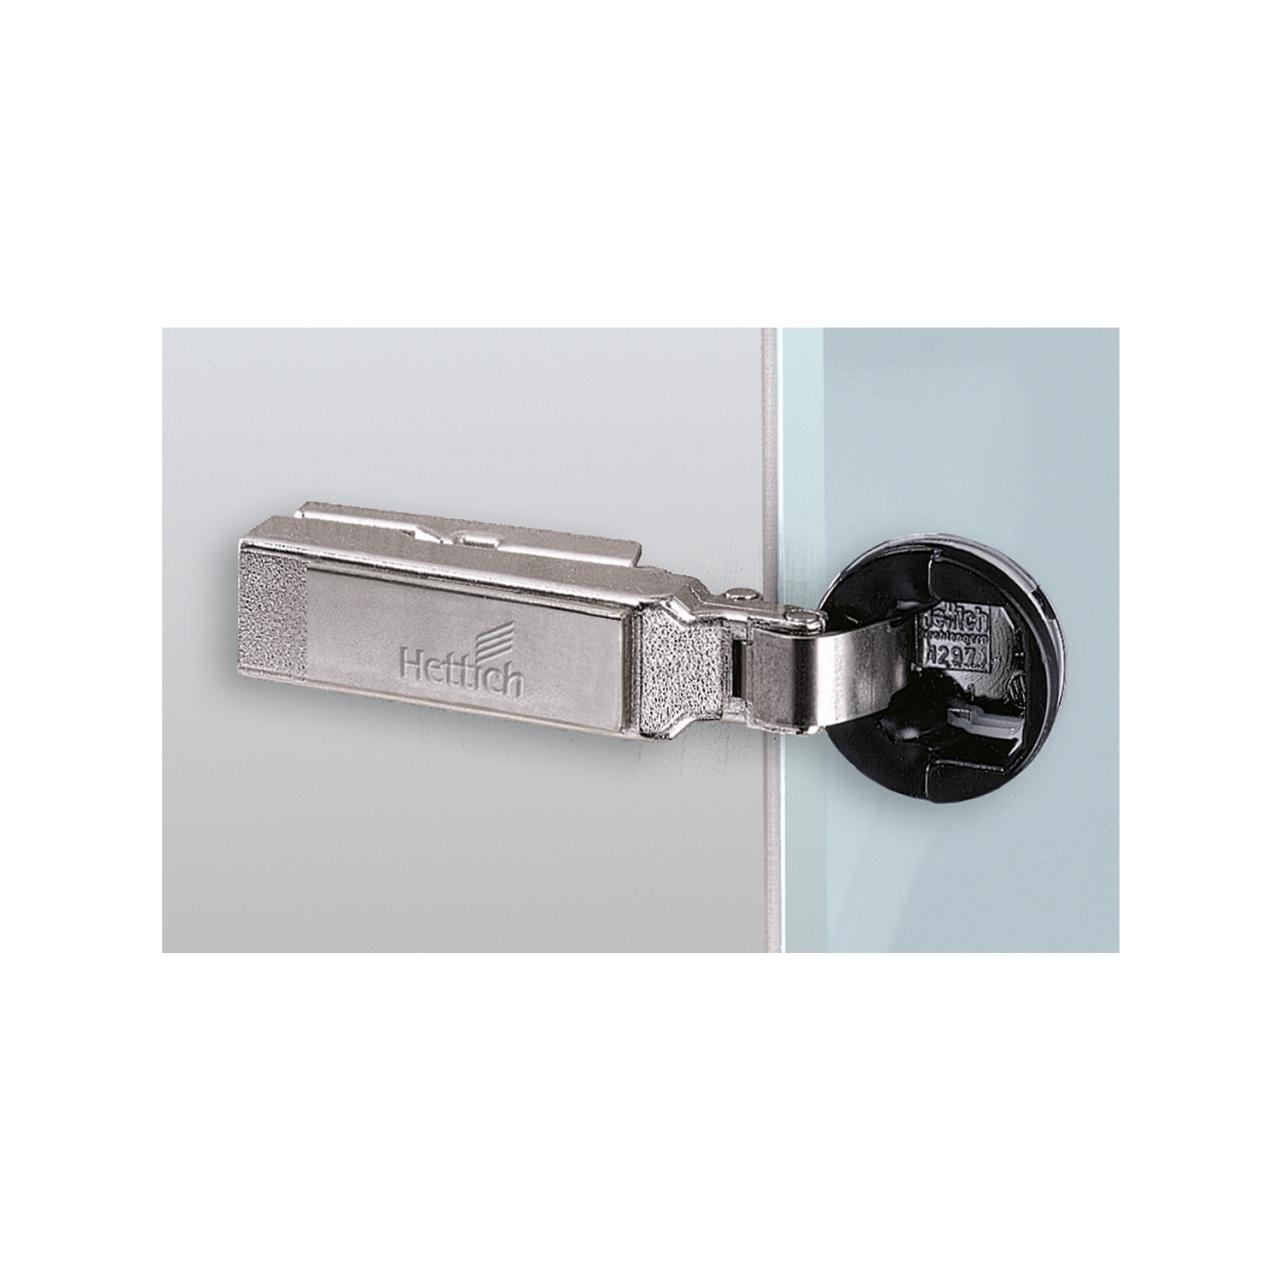 Cerniera per vetro Hettich, cerniere a molla per ante in vetro con scodello diametro 26 mm, sormonto totale fianco.